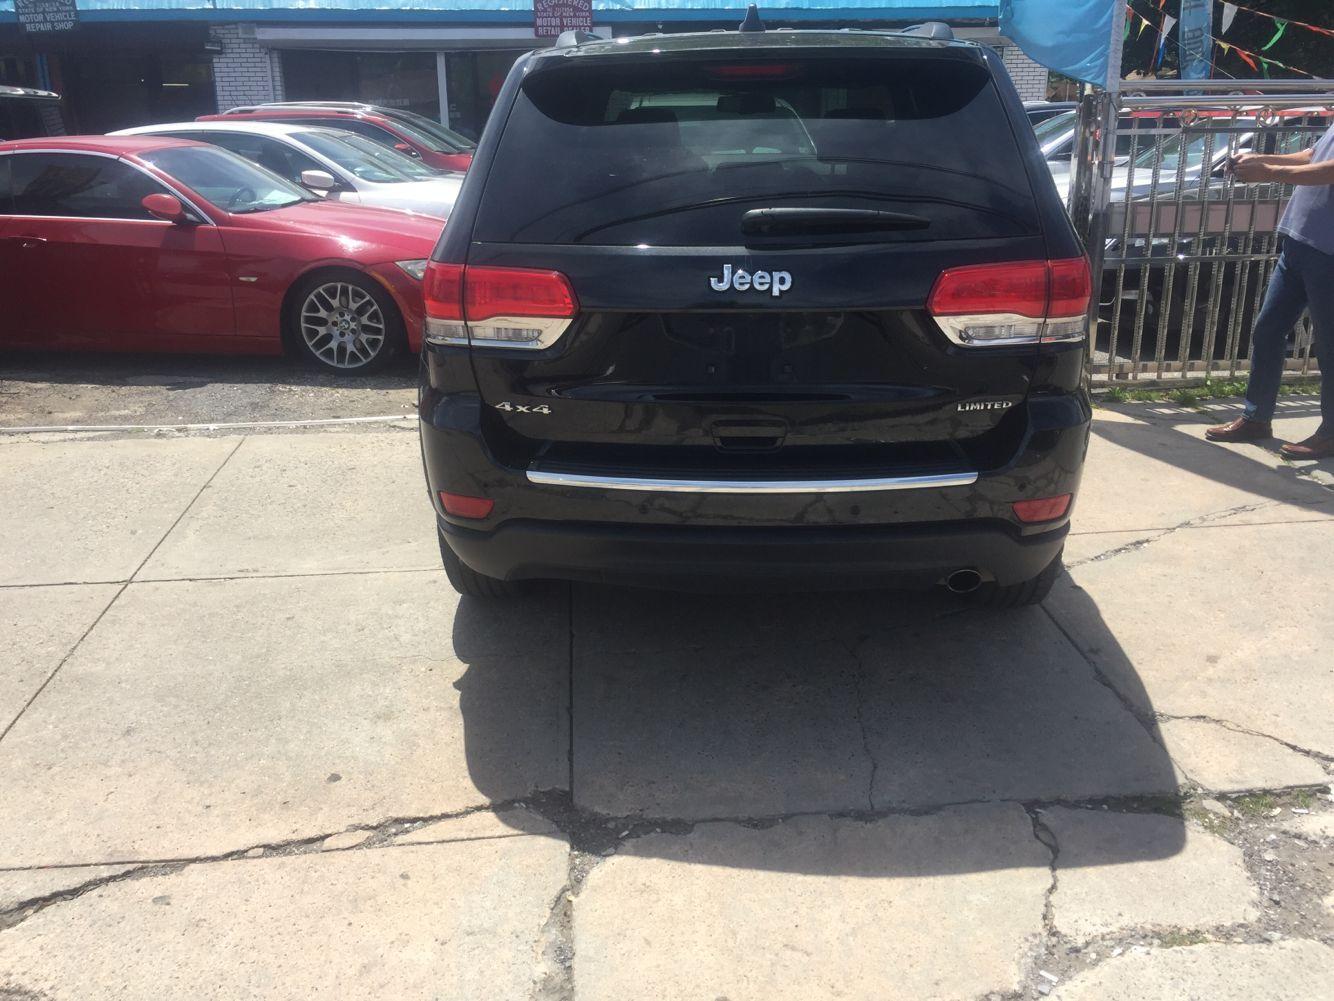 出售2015年 jeep 大切 Grand Cherokee LIMITED 里程35000miles 同城,唐人街,都市圈,海外华人,出售 第7张图片